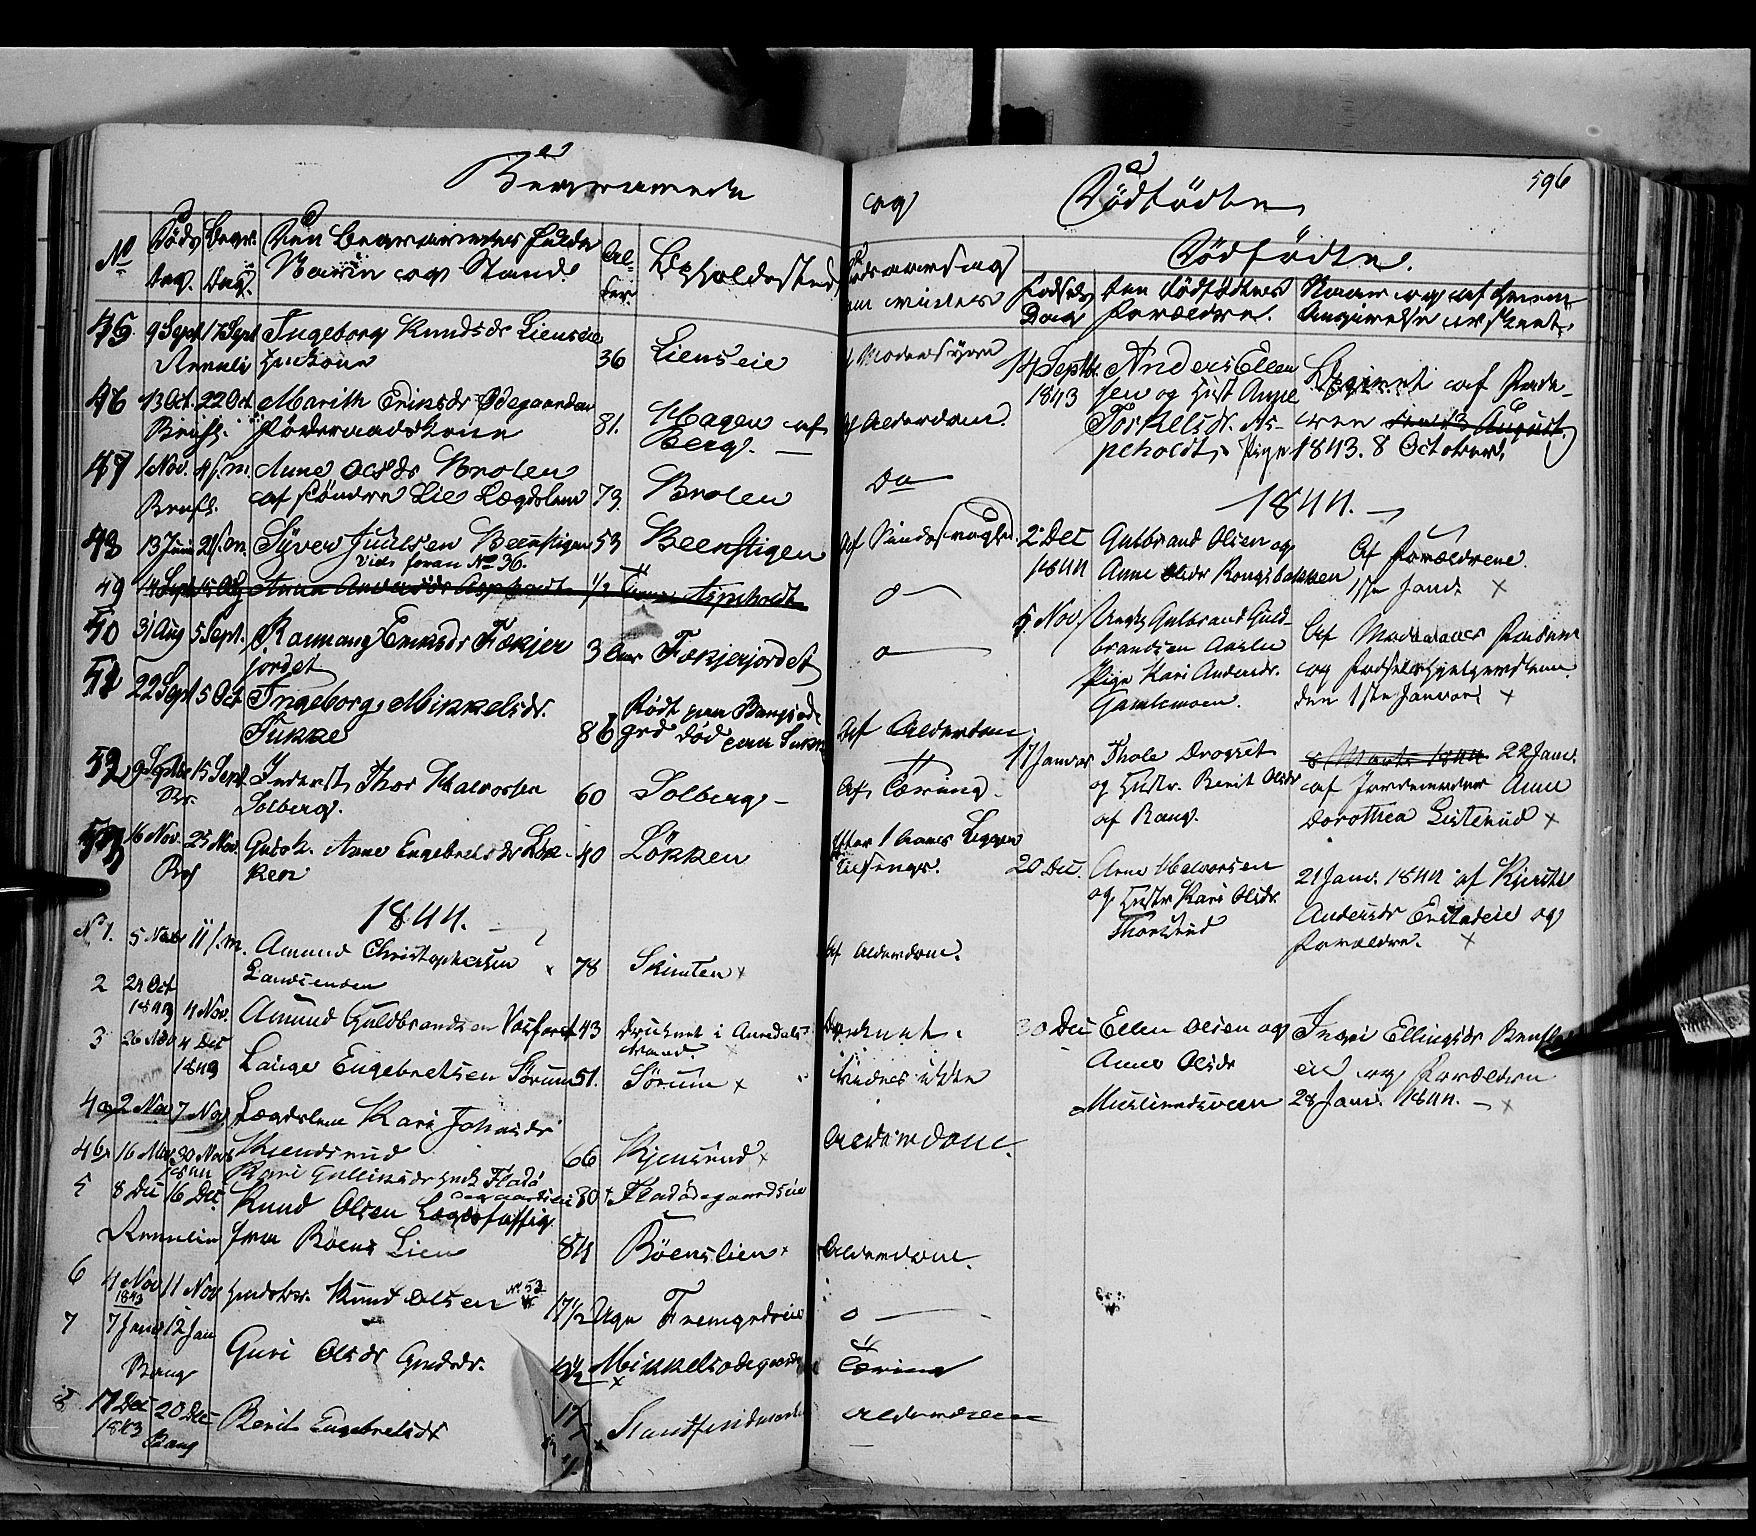 SAH, Sør-Aurdal prestekontor, Ministerialbok nr. 4, 1841-1849, s. 595-596